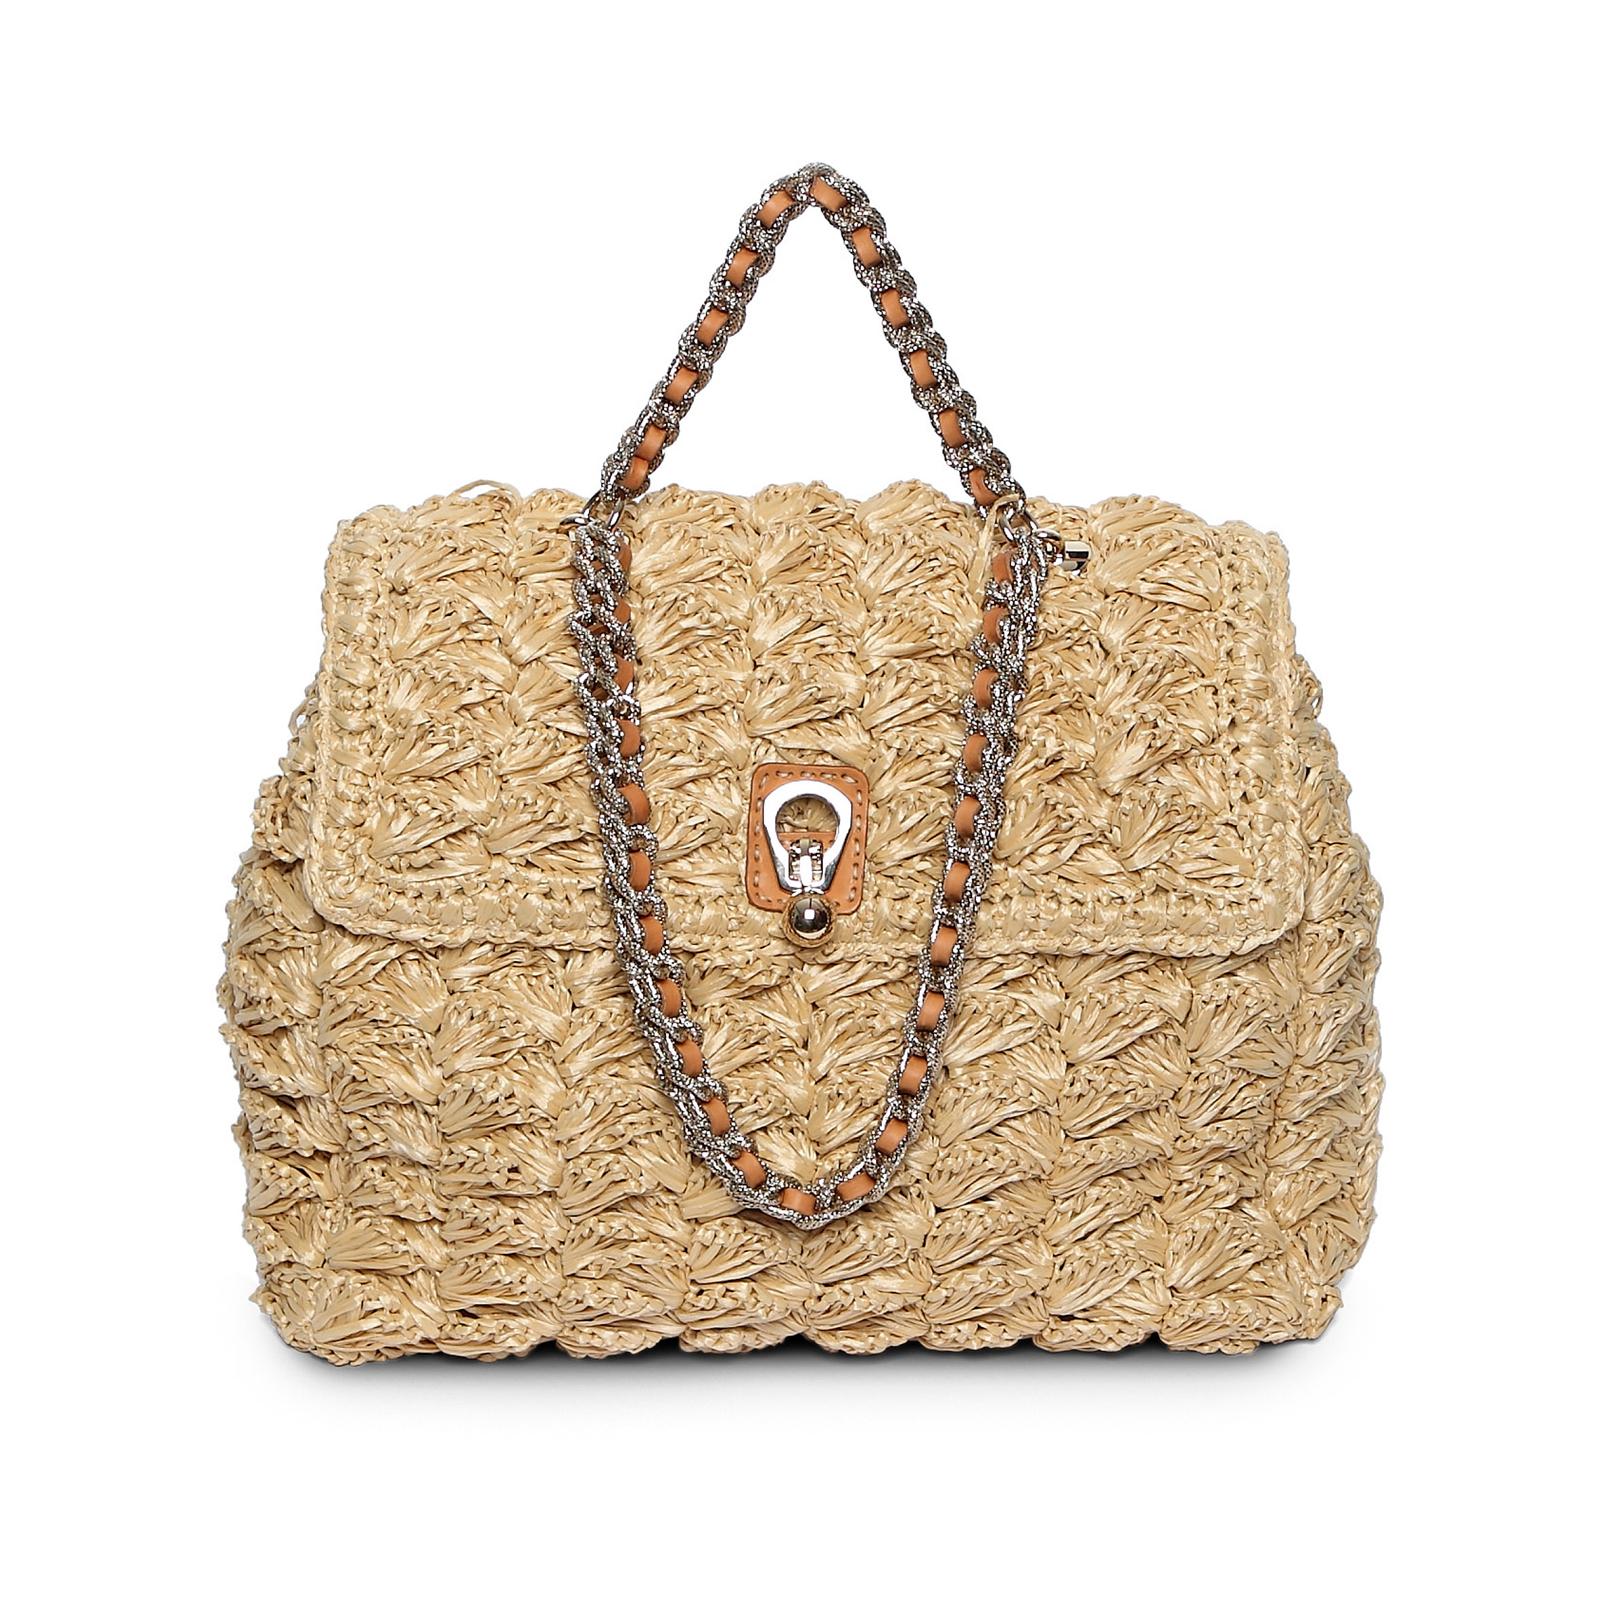 Consigli Gli Pe Acquisti 2013 Per Novità Crochet Borse HwgzTqzxf